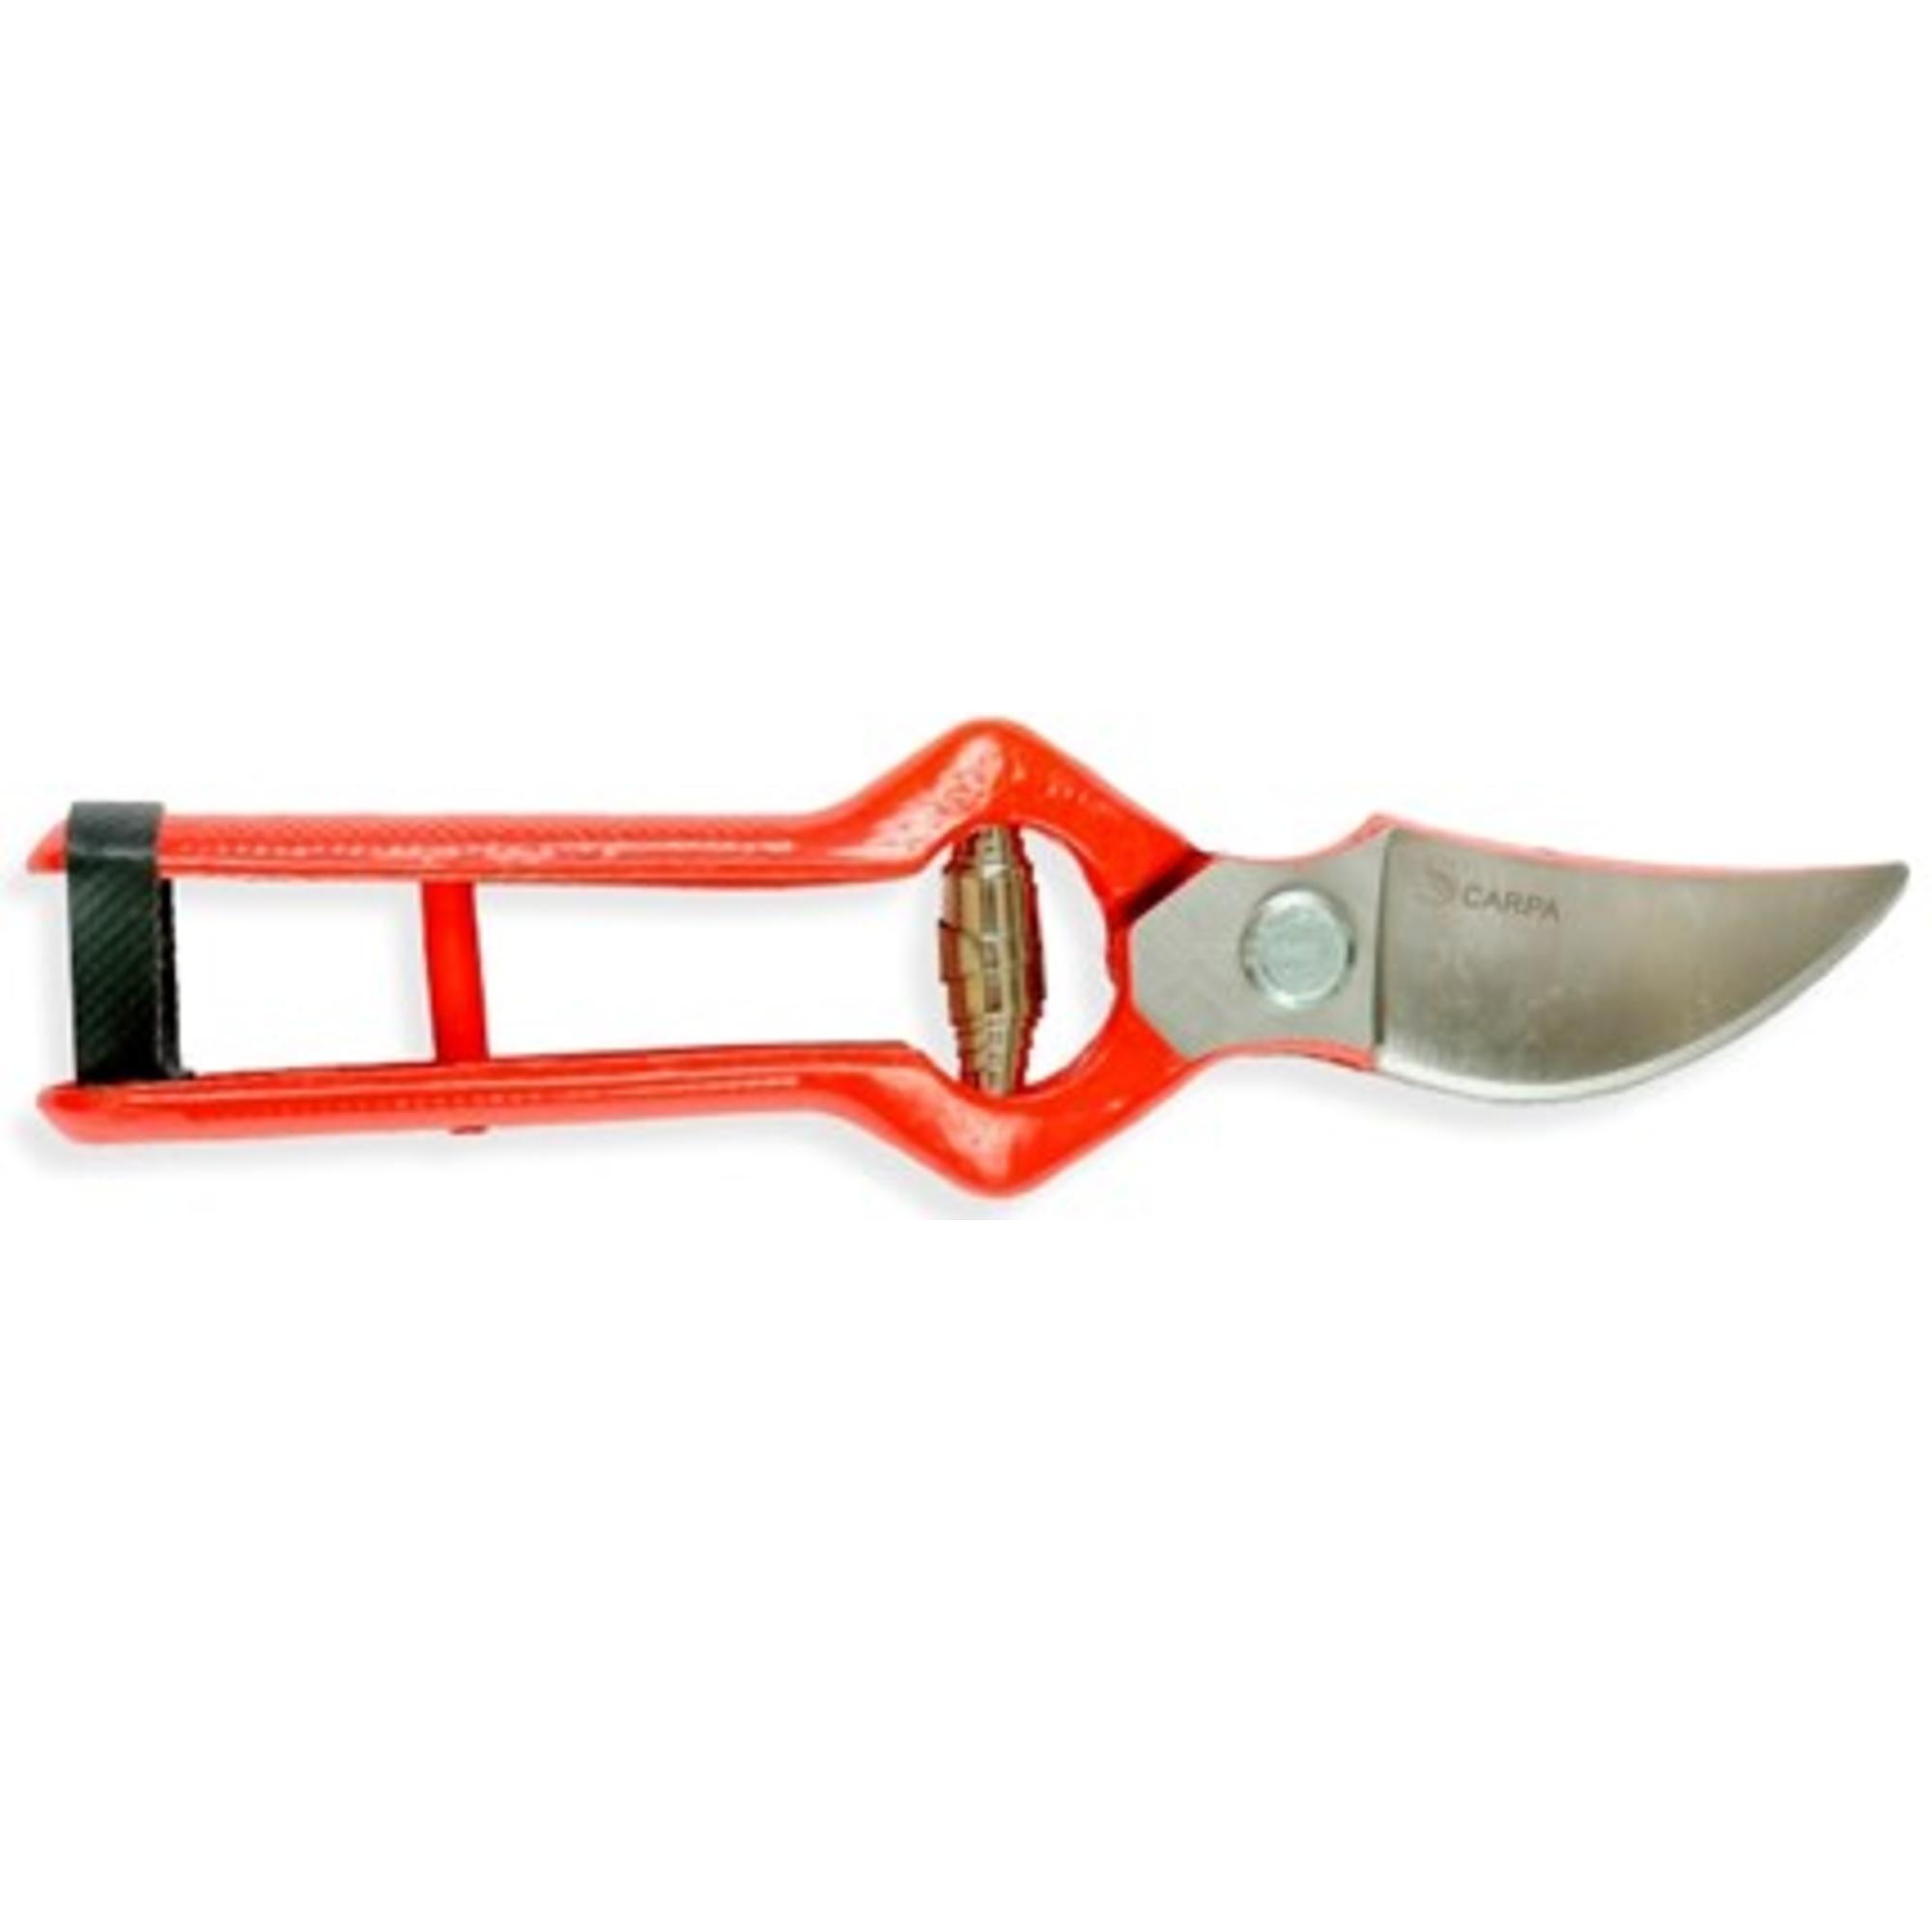 Metszőolló kovácsolt Carpa 21cm 1121976